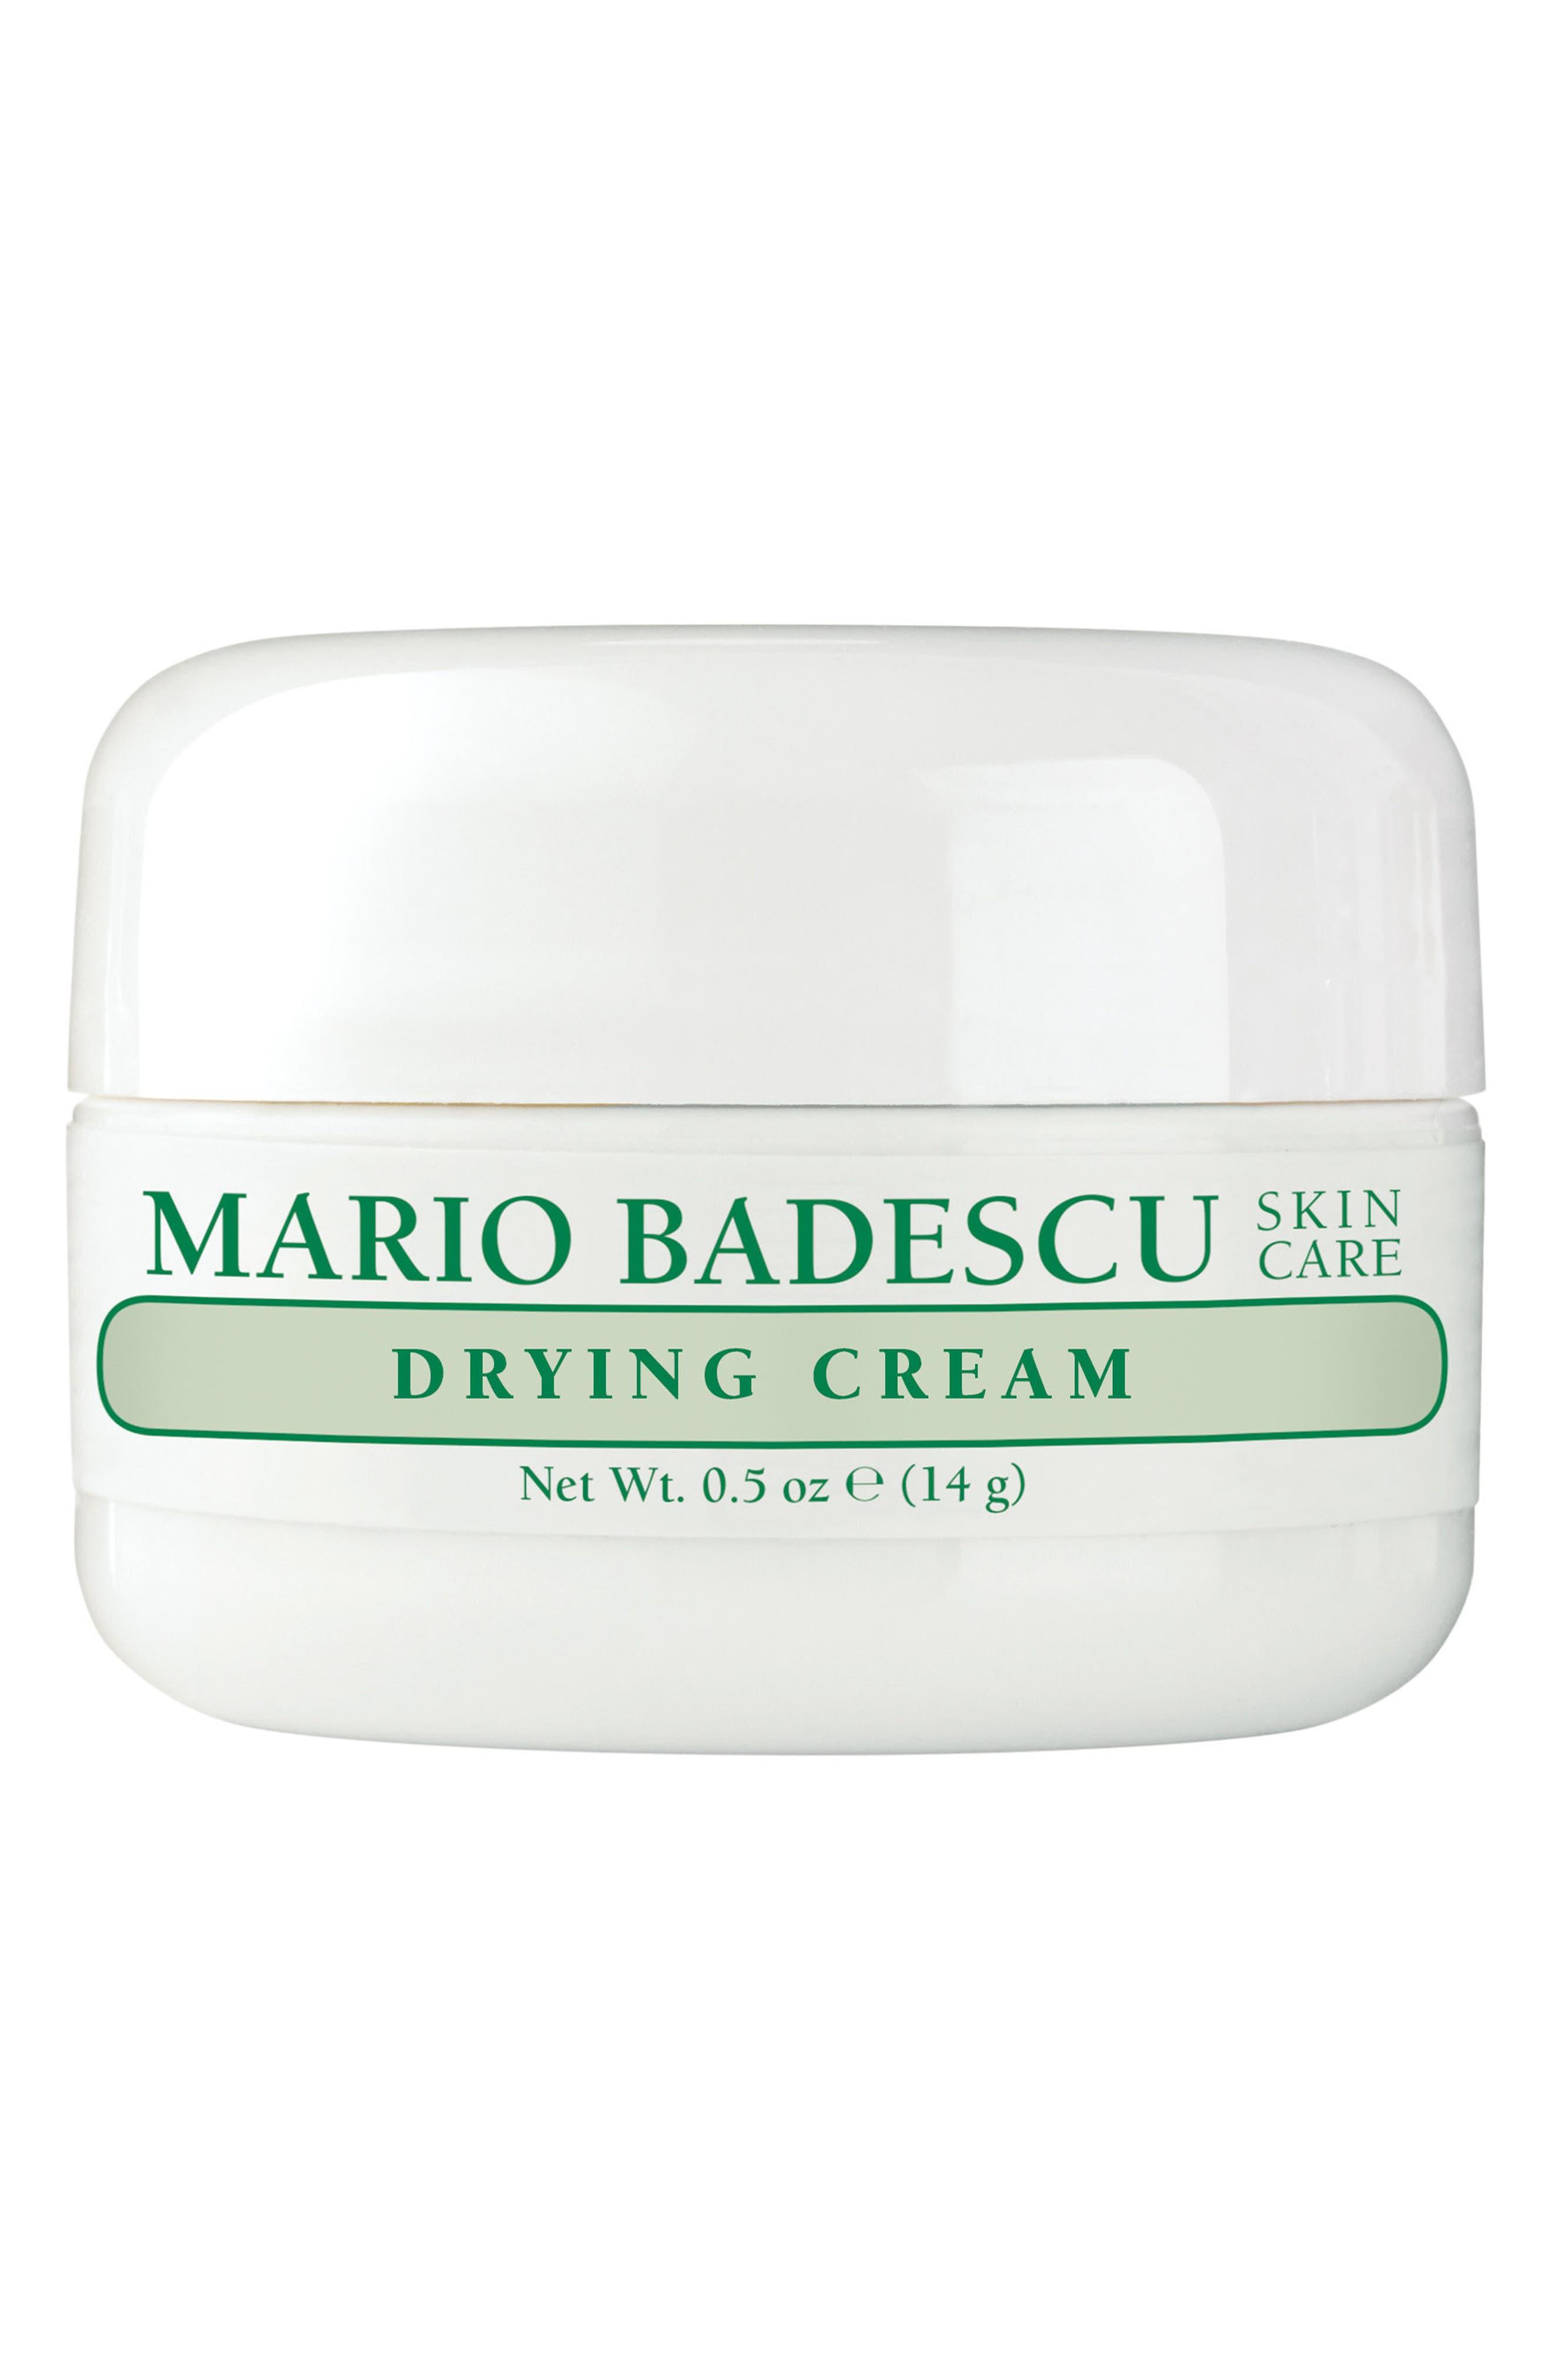 MARIO BADESCU, Drying Cream, Main thumbnail 1, color, NO COLOR